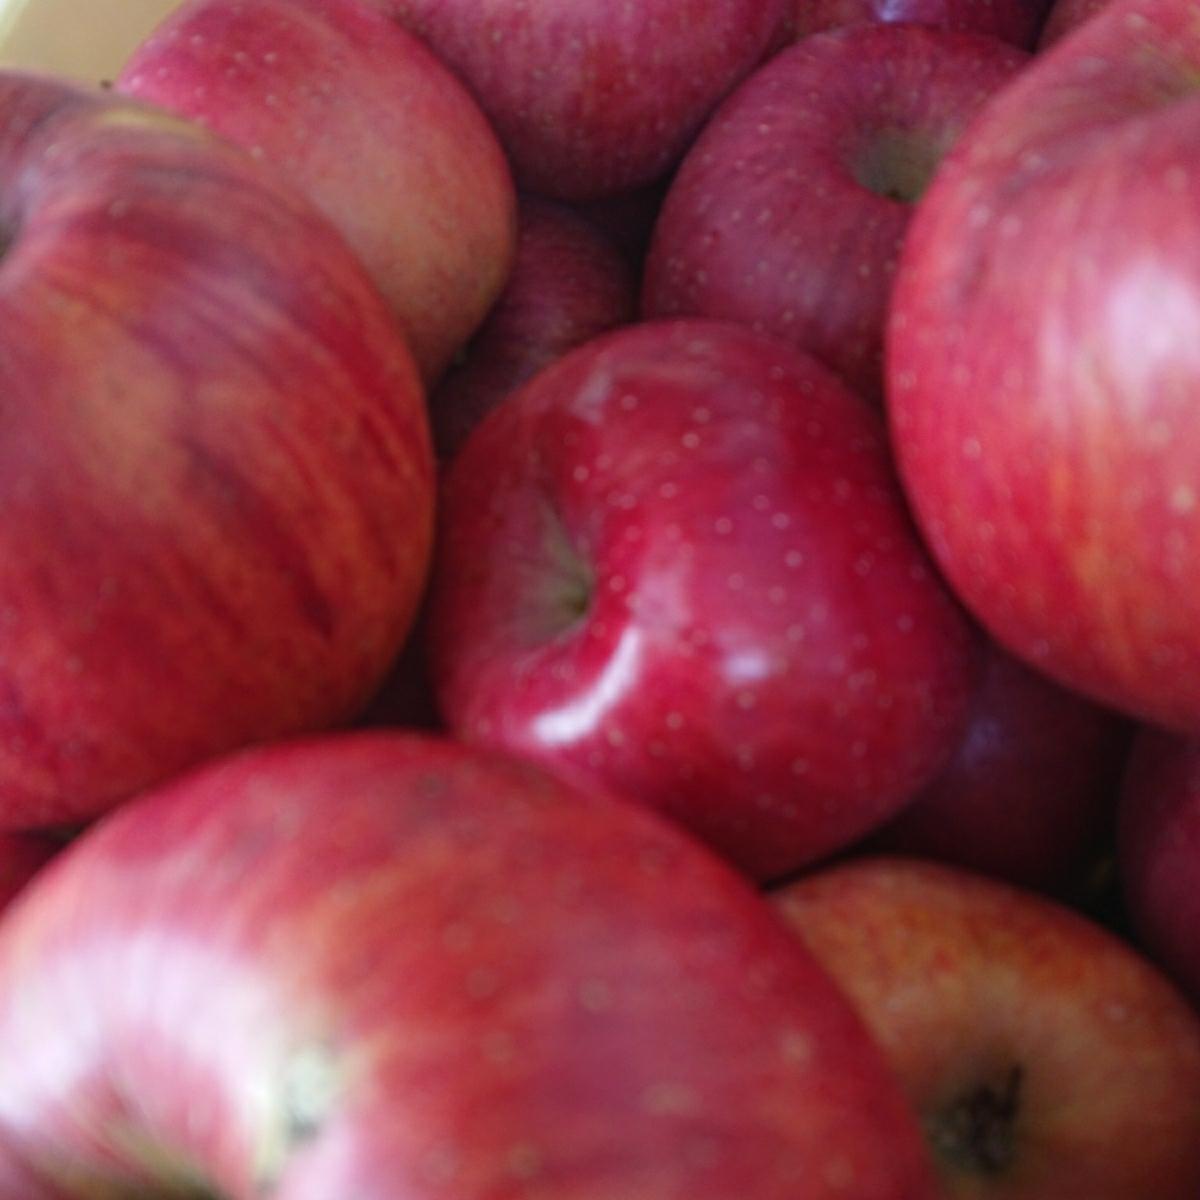 みずみずしく美味しい!【減農薬】サンふじ 【無肥料】たっぷり15キロ 信州りんご_画像2